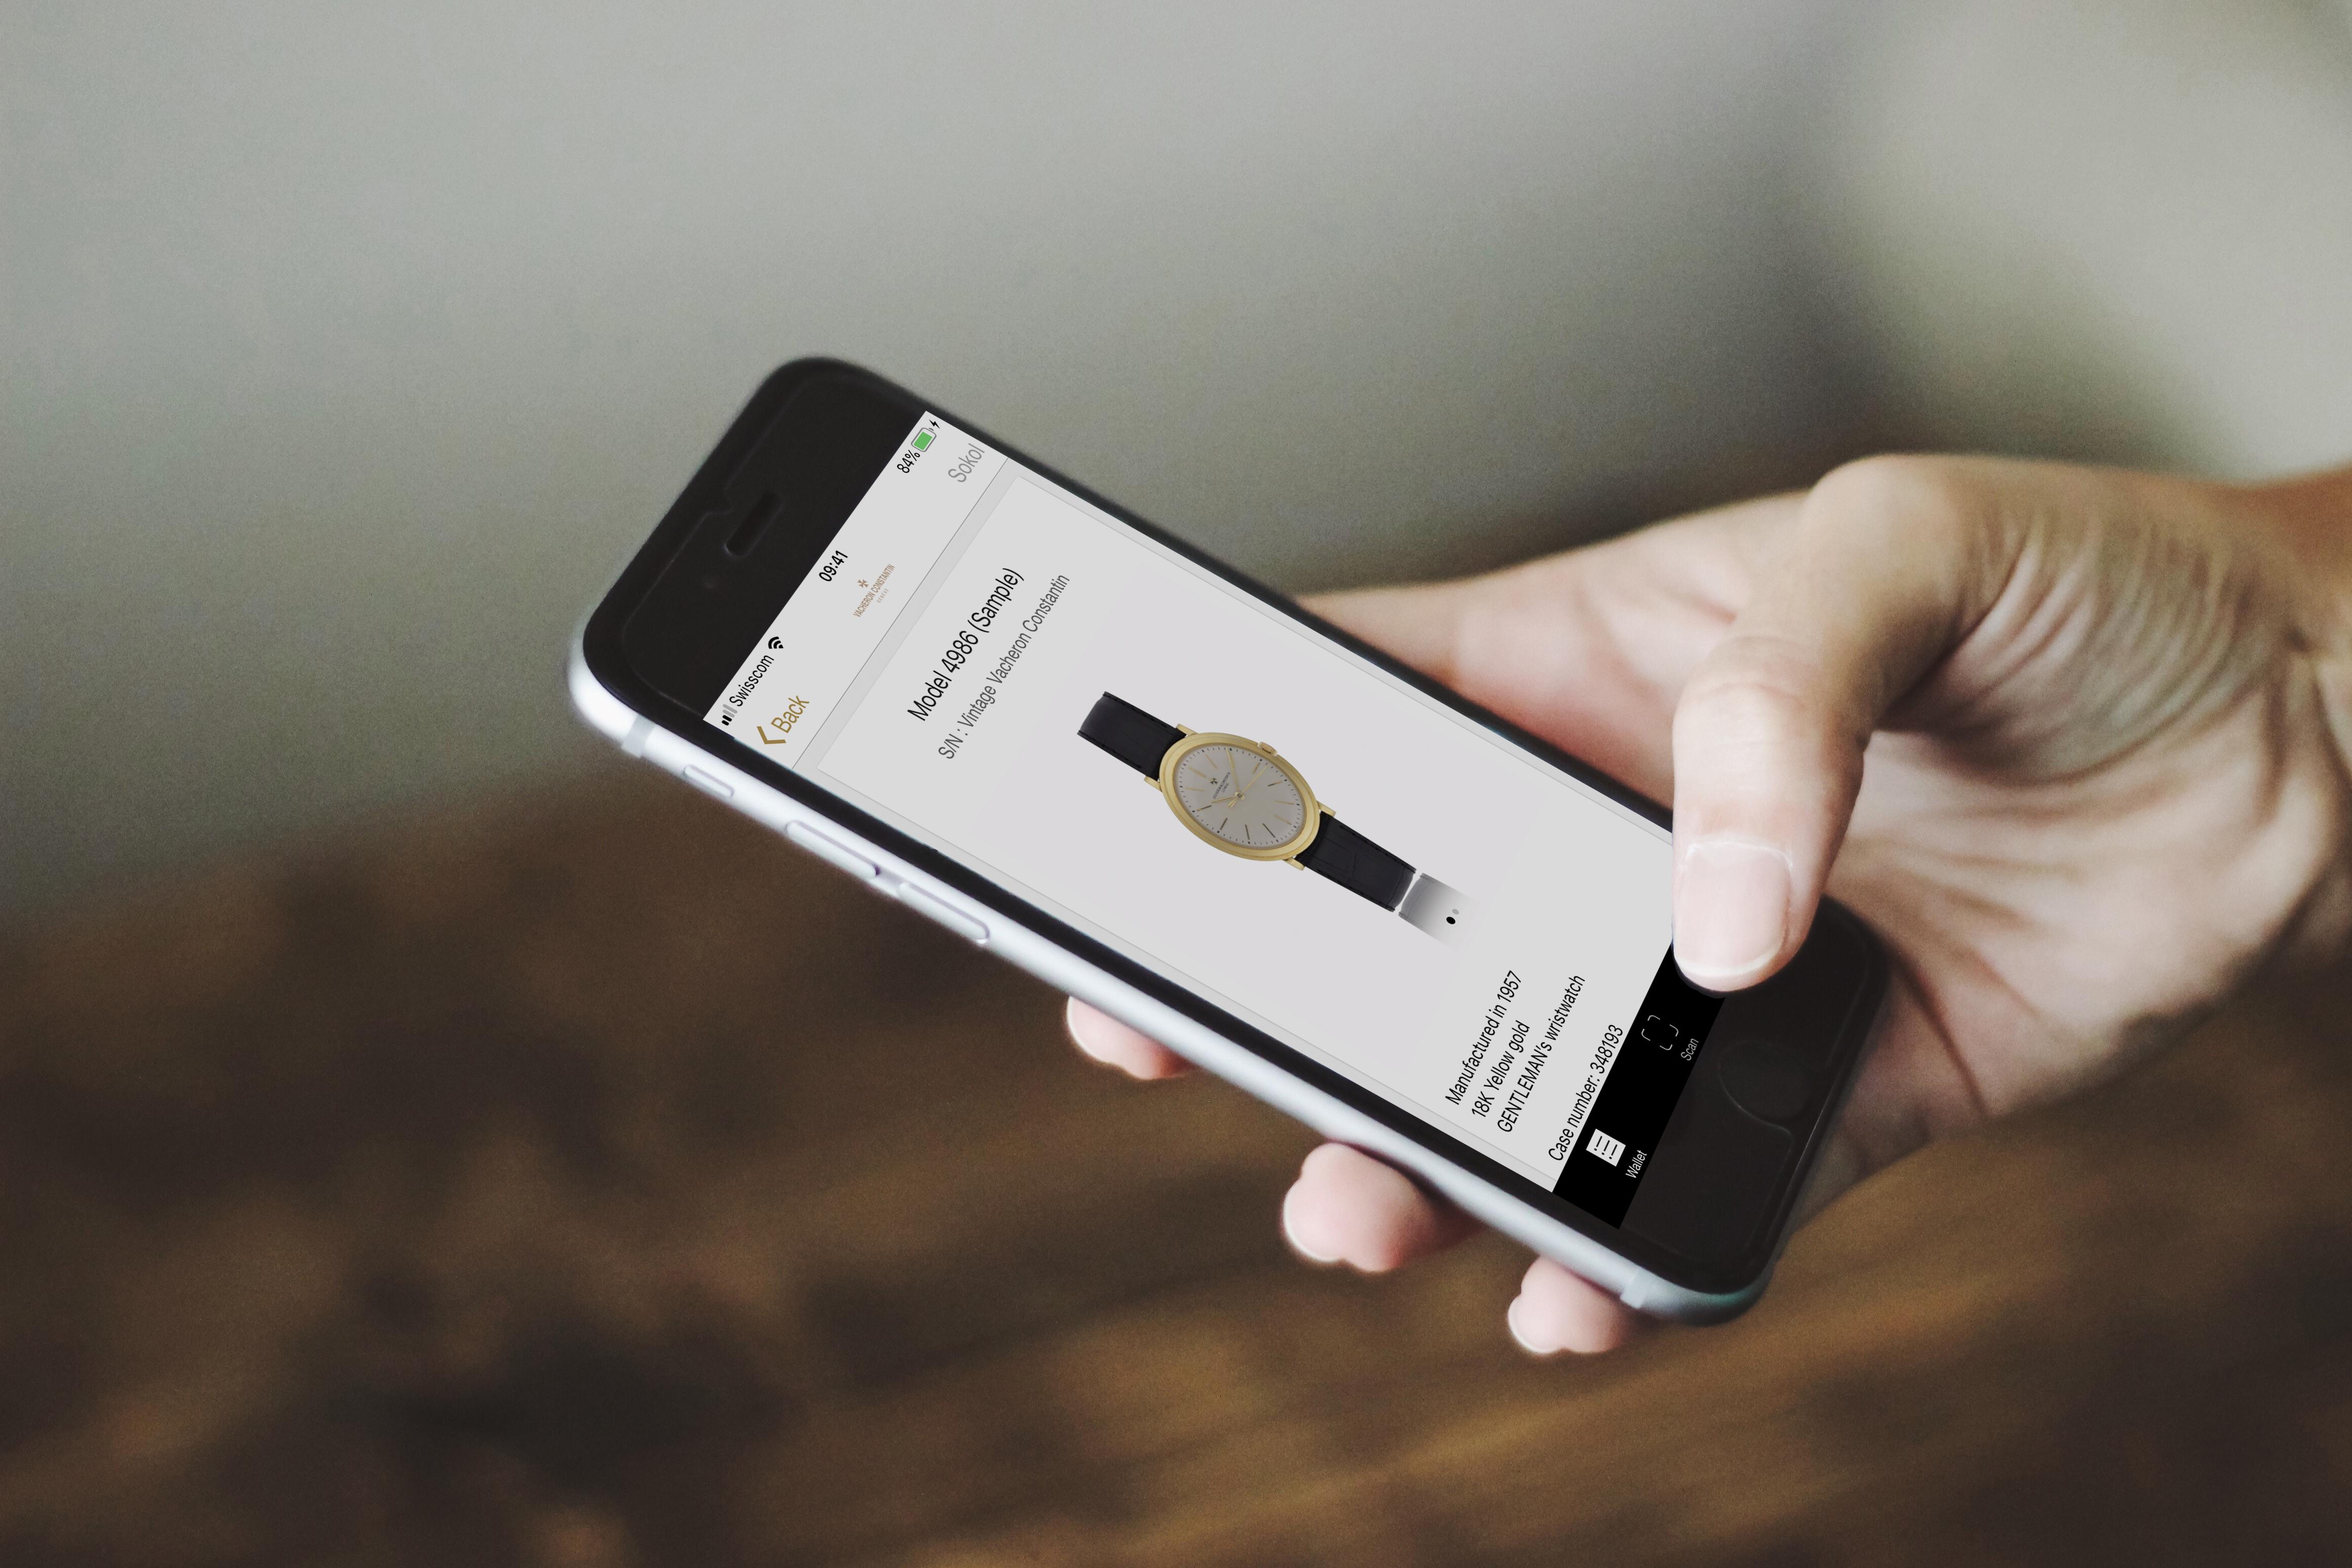 历峰集团首次涉足区块链:旗下奢侈腕表品牌江诗丹顿将区块链认证技术运用于古董表交易